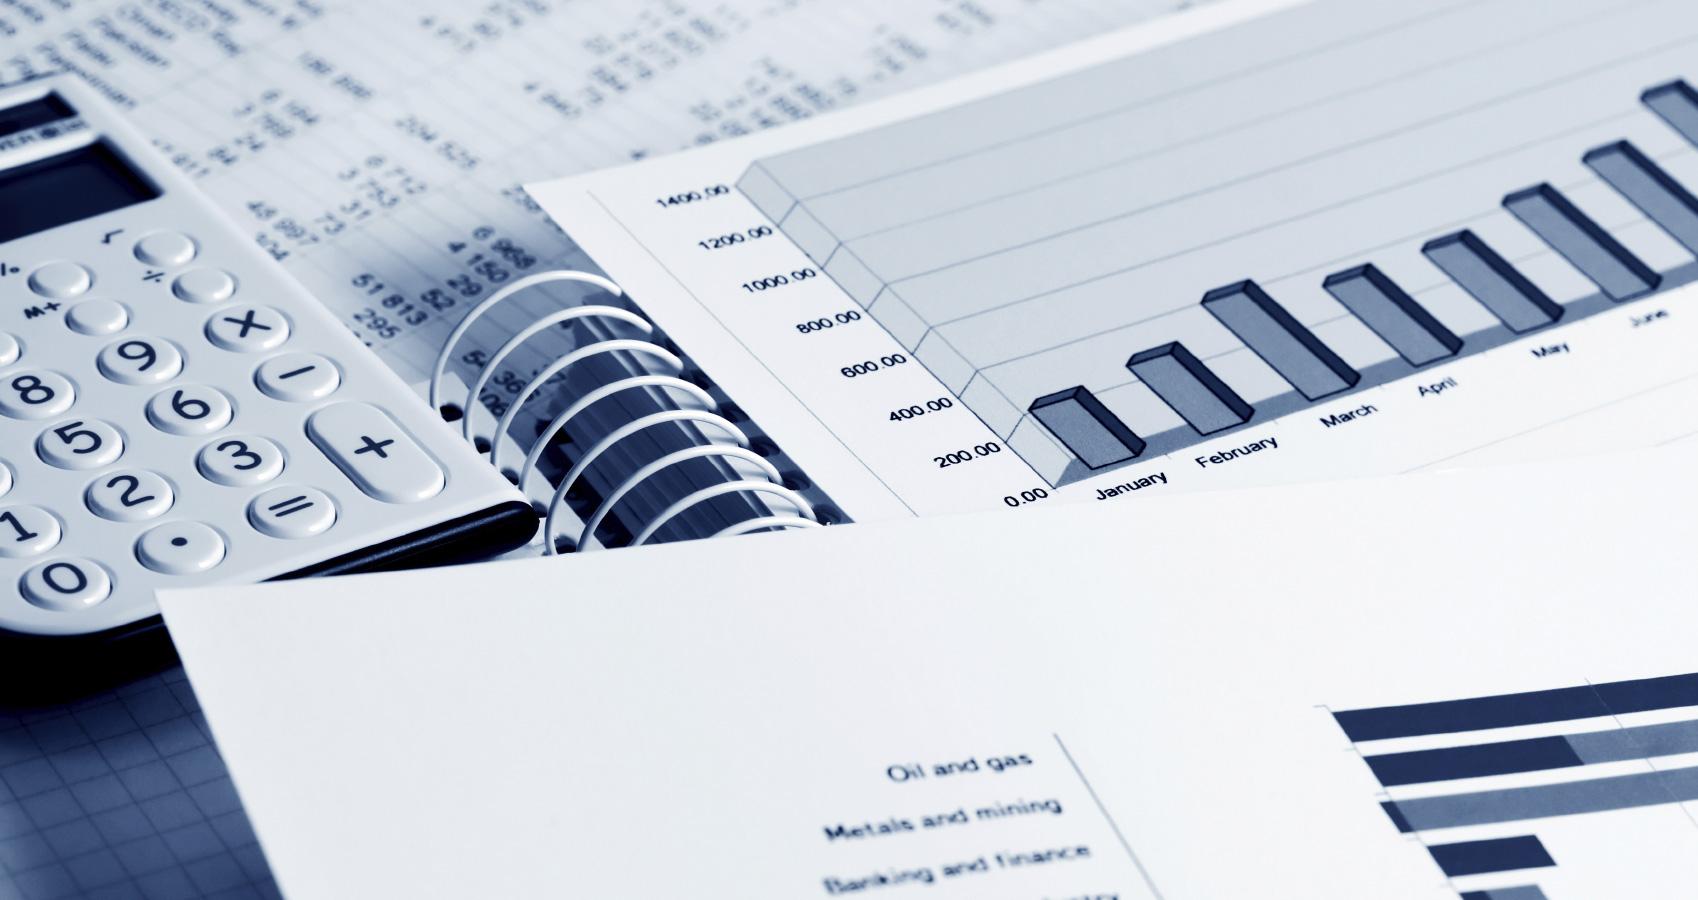 Diplôme de comptabilité et de gestion : vous travaillerez pour une grande entreprise